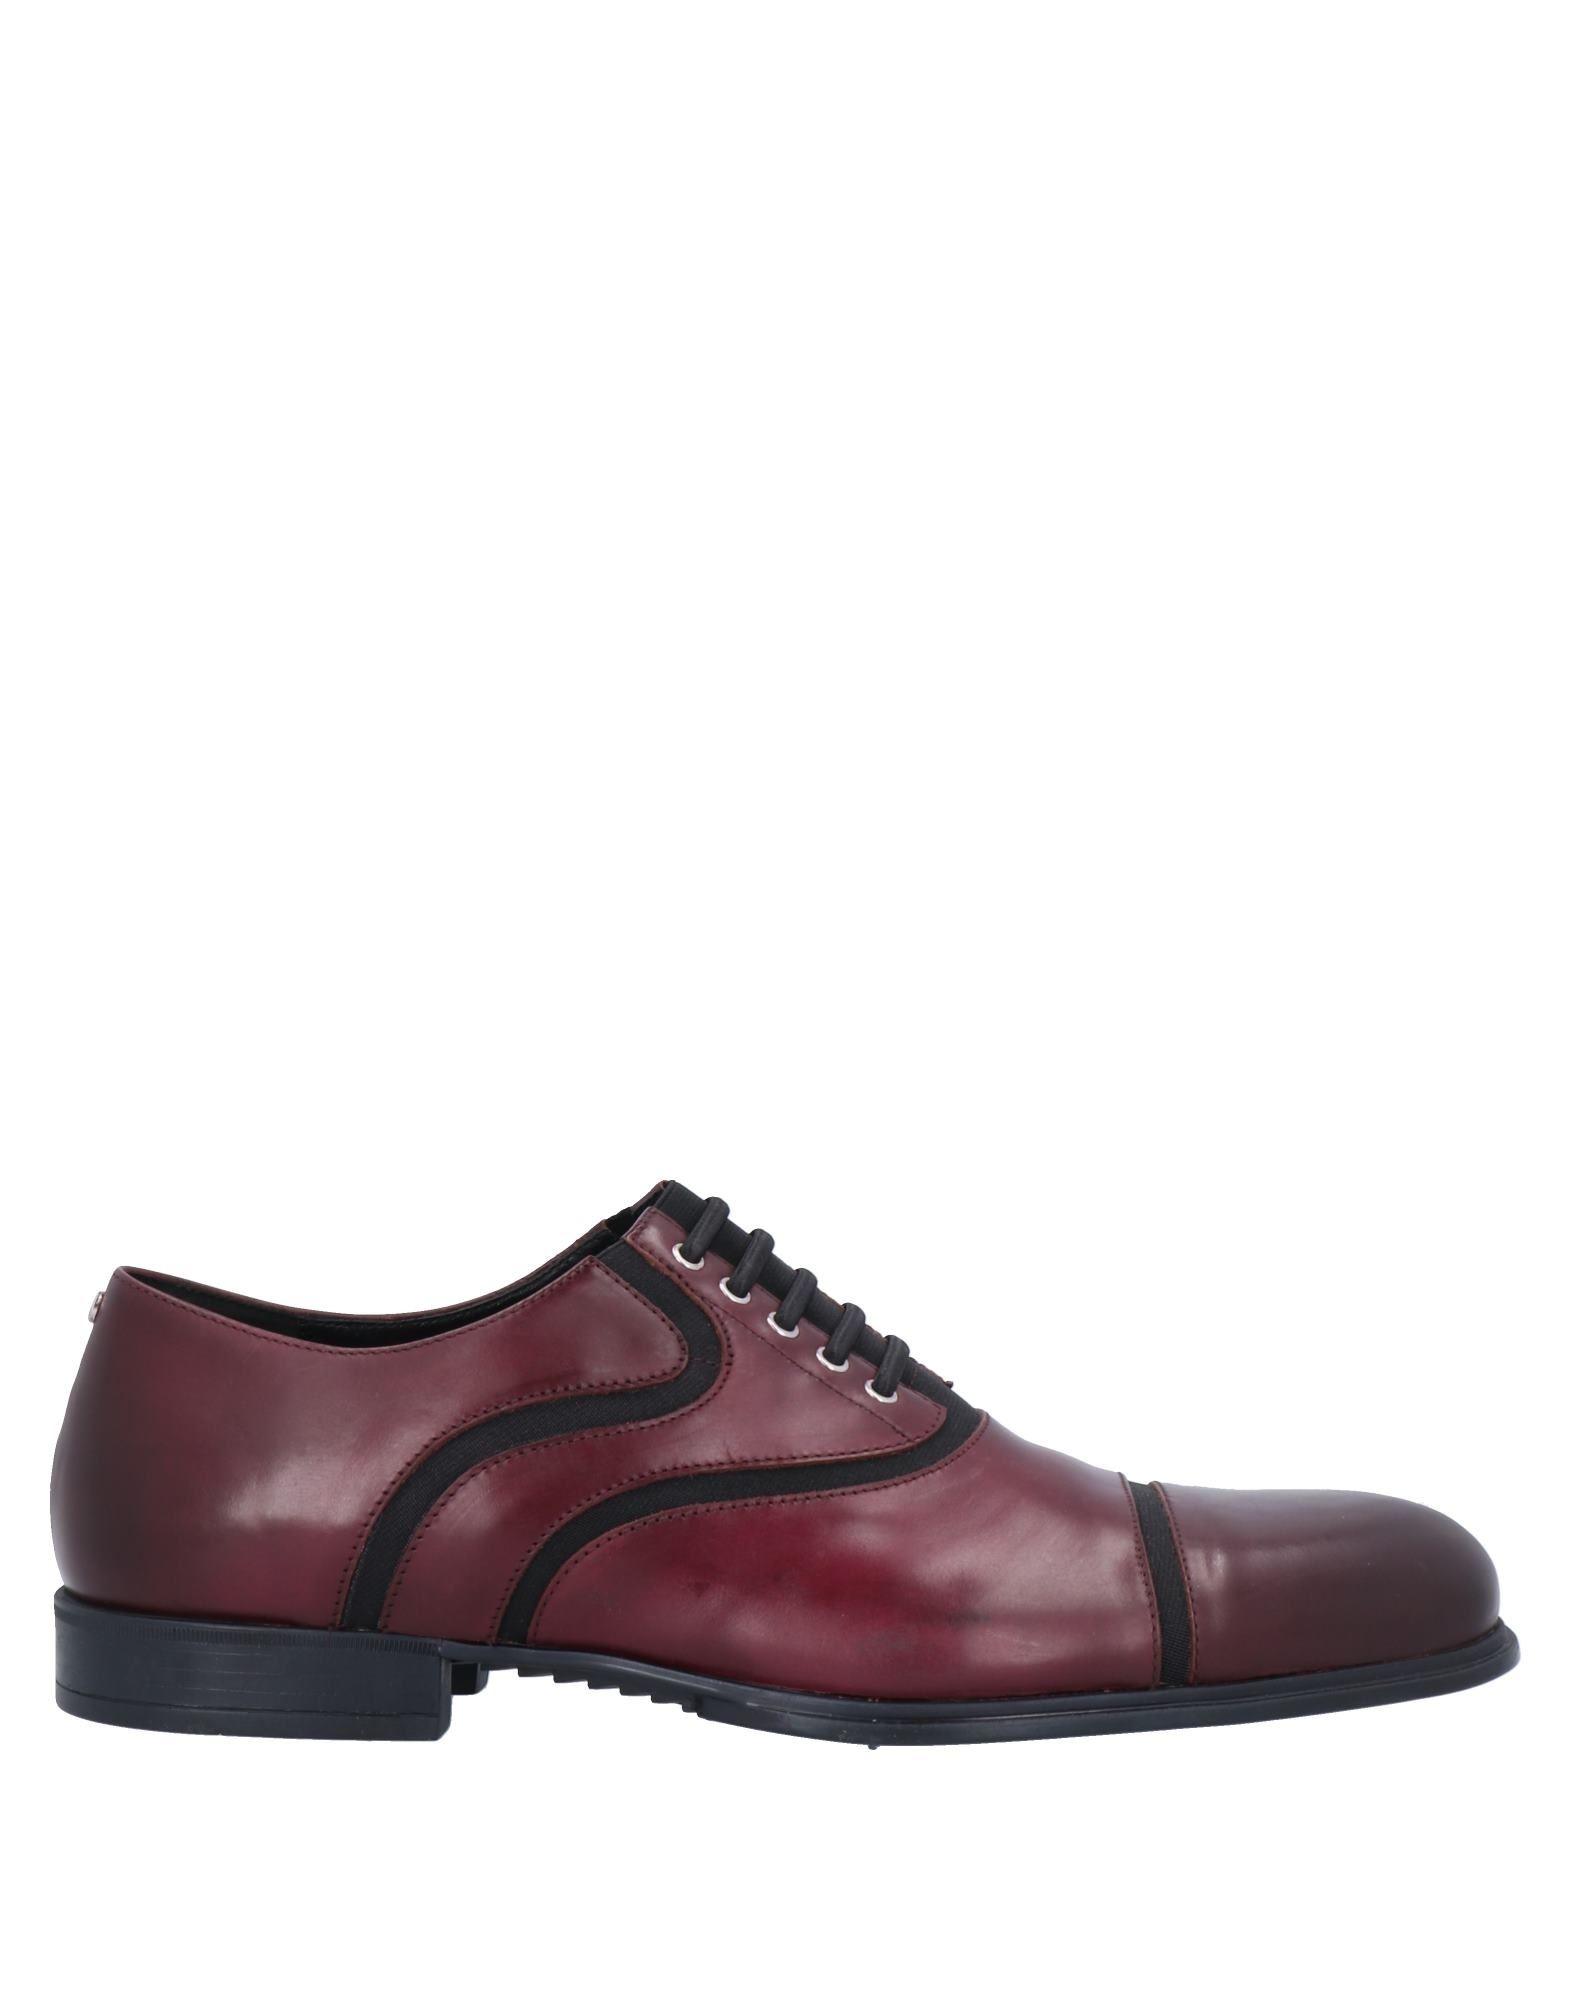 Фото - CESARE PACIOTTI Обувь на шнурках cesare paciotti толстовка